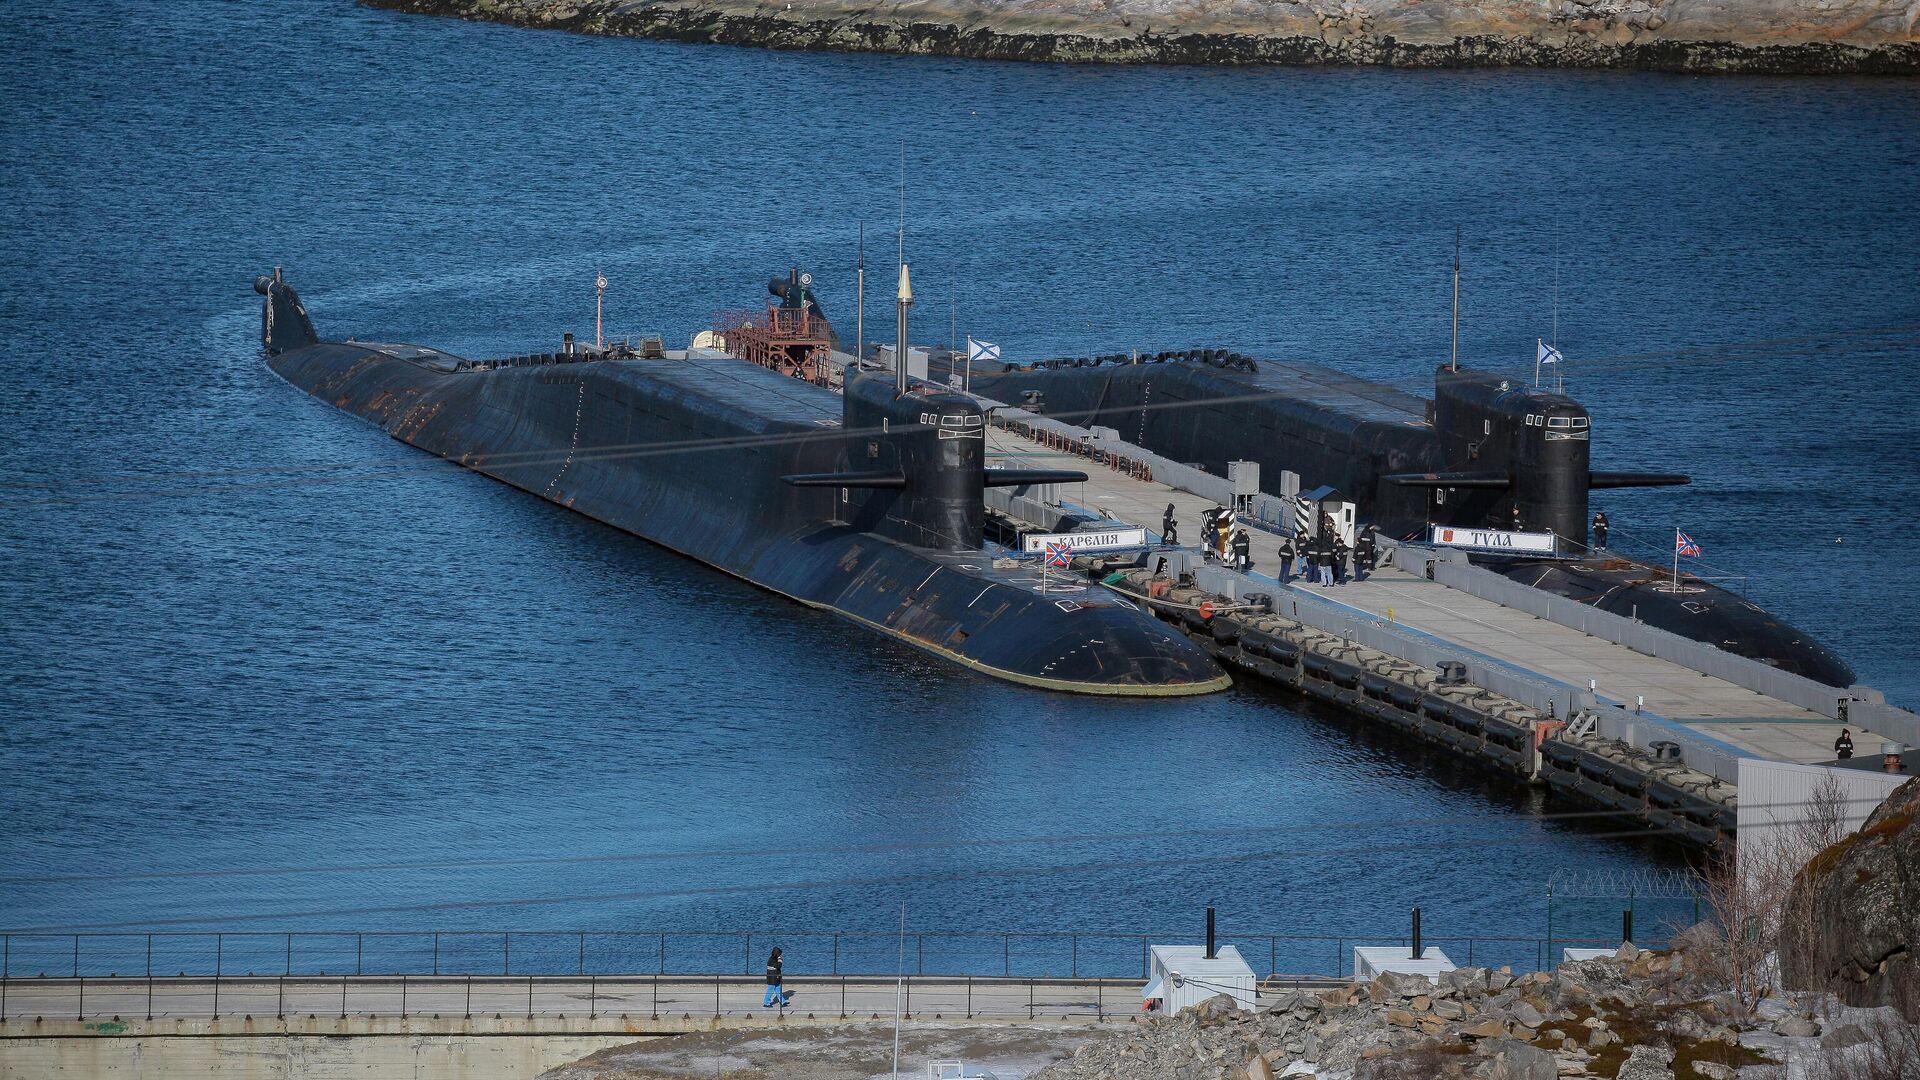 Атомная подводная лодка Карелия и атомный ракетный подводный крейсер стратегического назначения проекта 667БДРМ Дельфин К-114 Тула - РИА Новости, 1920, 17.05.2021